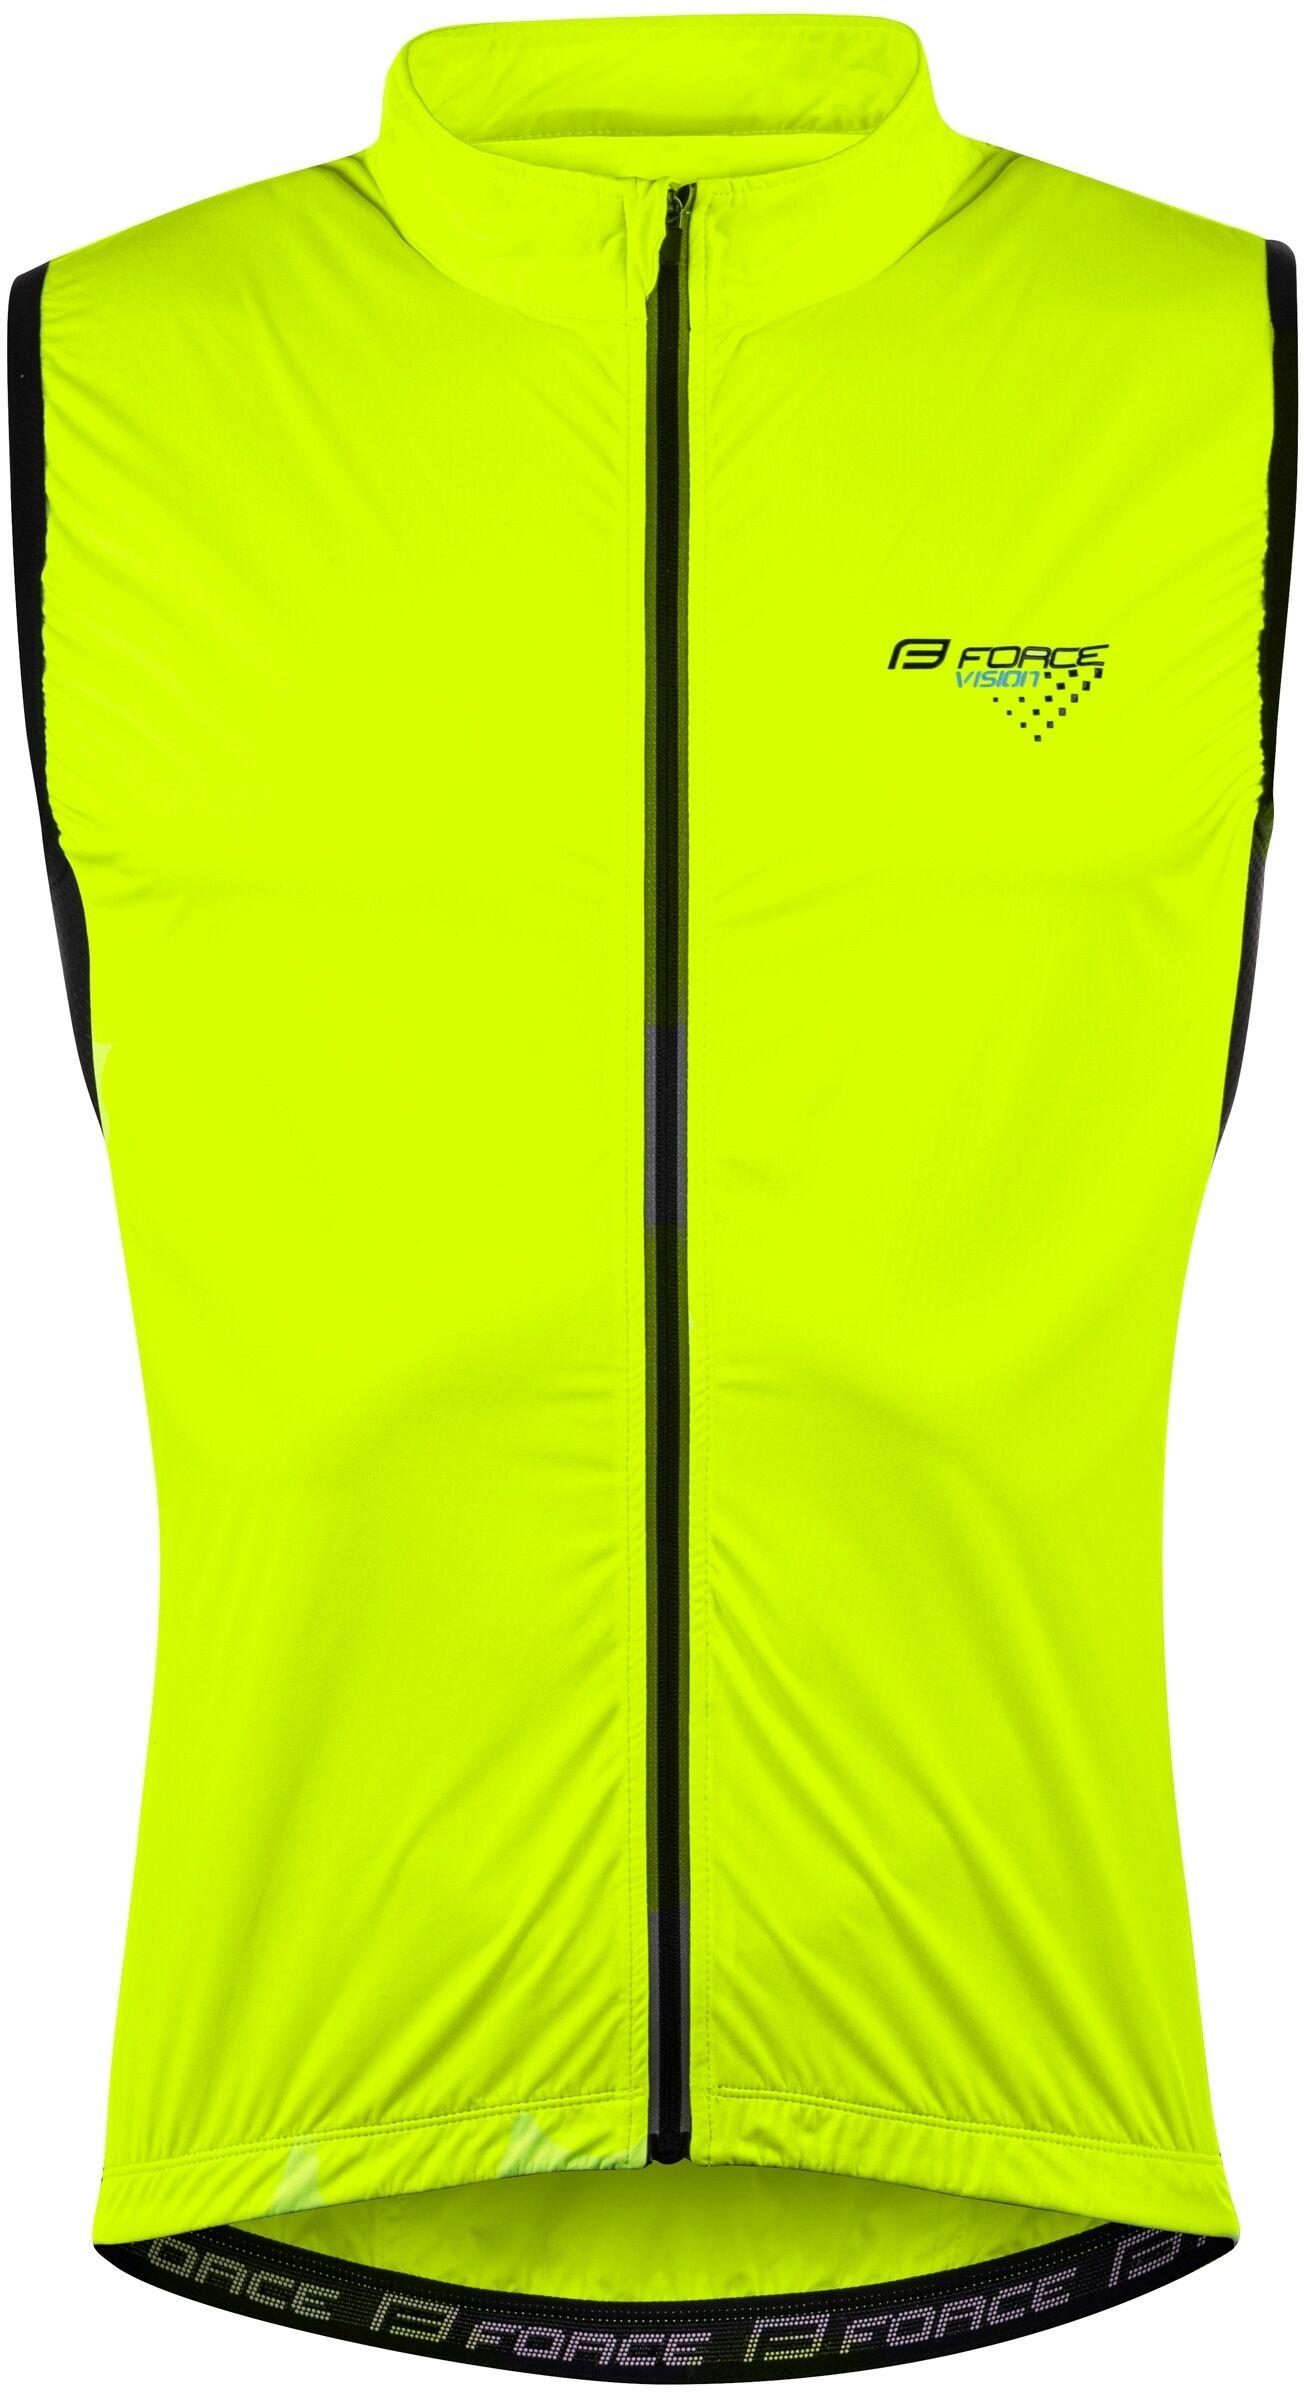 FORCE rowerowa kamizelka wiatroodporna VISION fluo 899640 Rozmiar: 2XL,vision899640